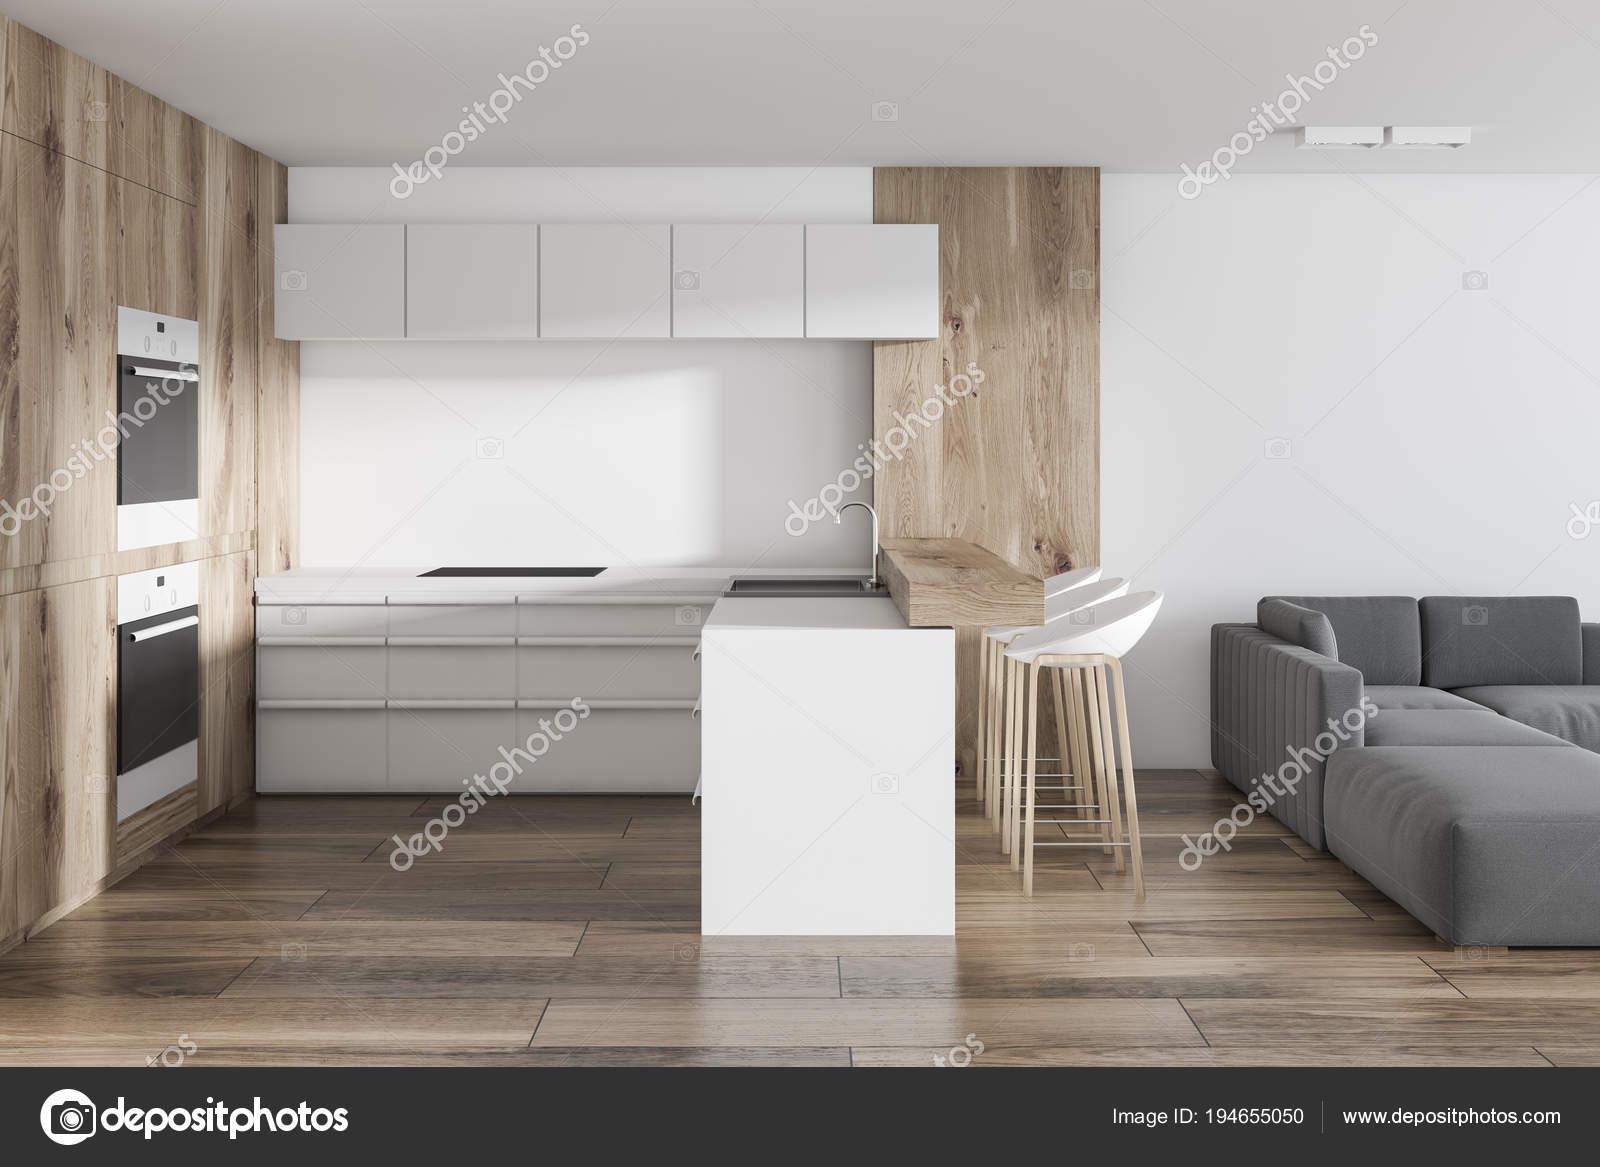 Witte keuken in studio appartement woonkamer u stockfoto